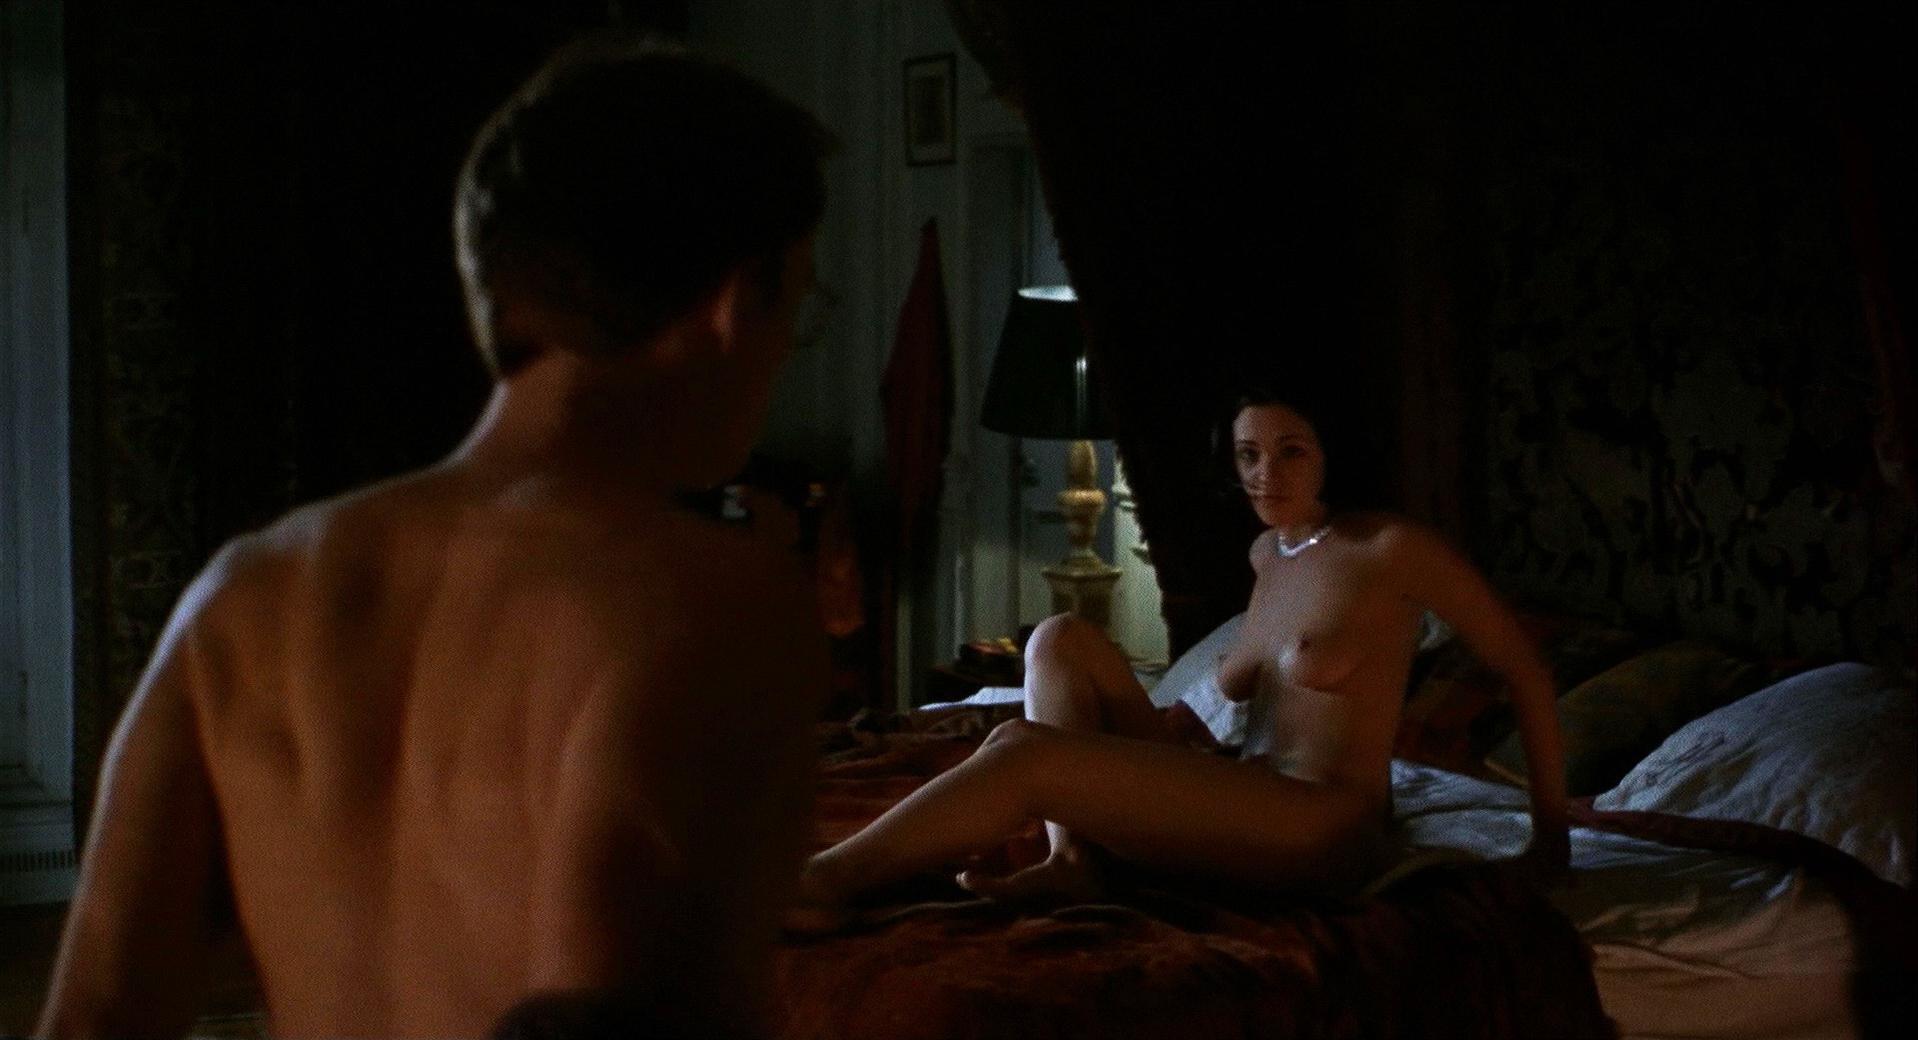 Reba mcintyre nude pics